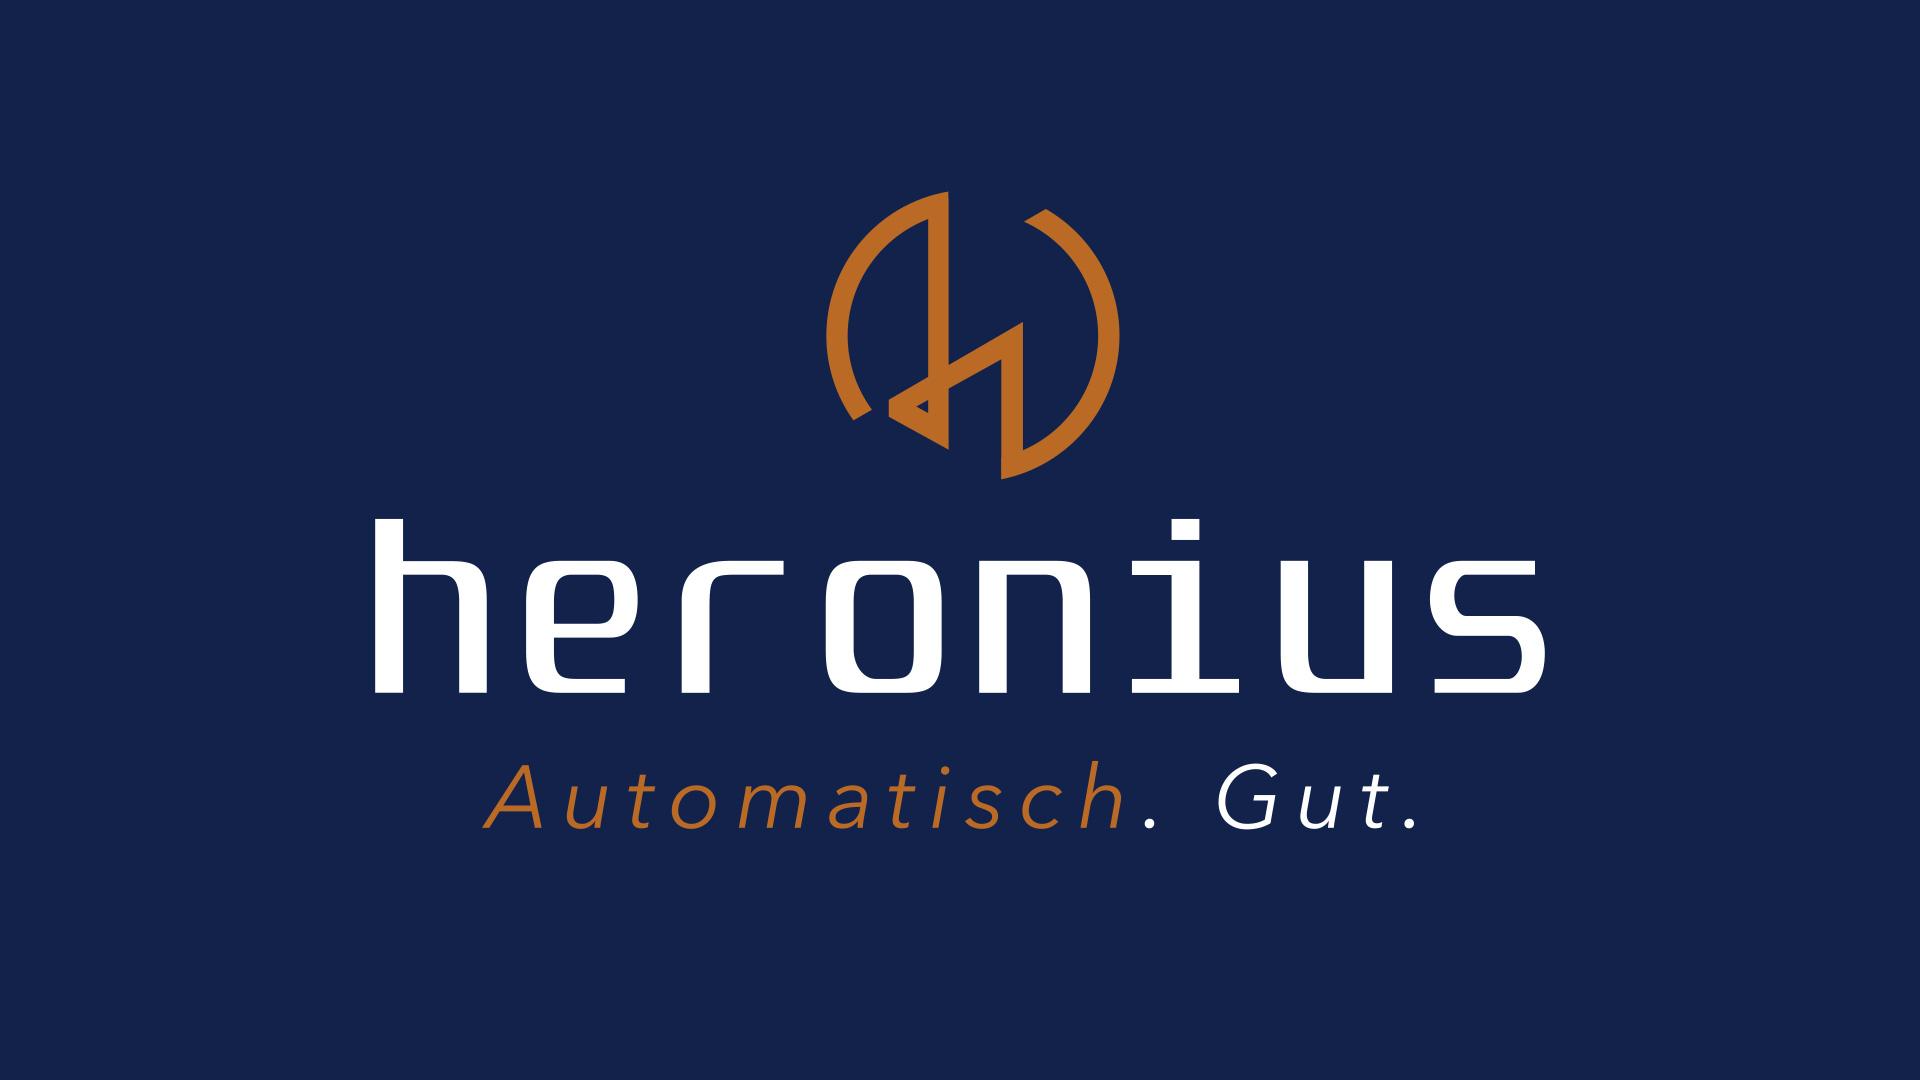 Heronius GmbH